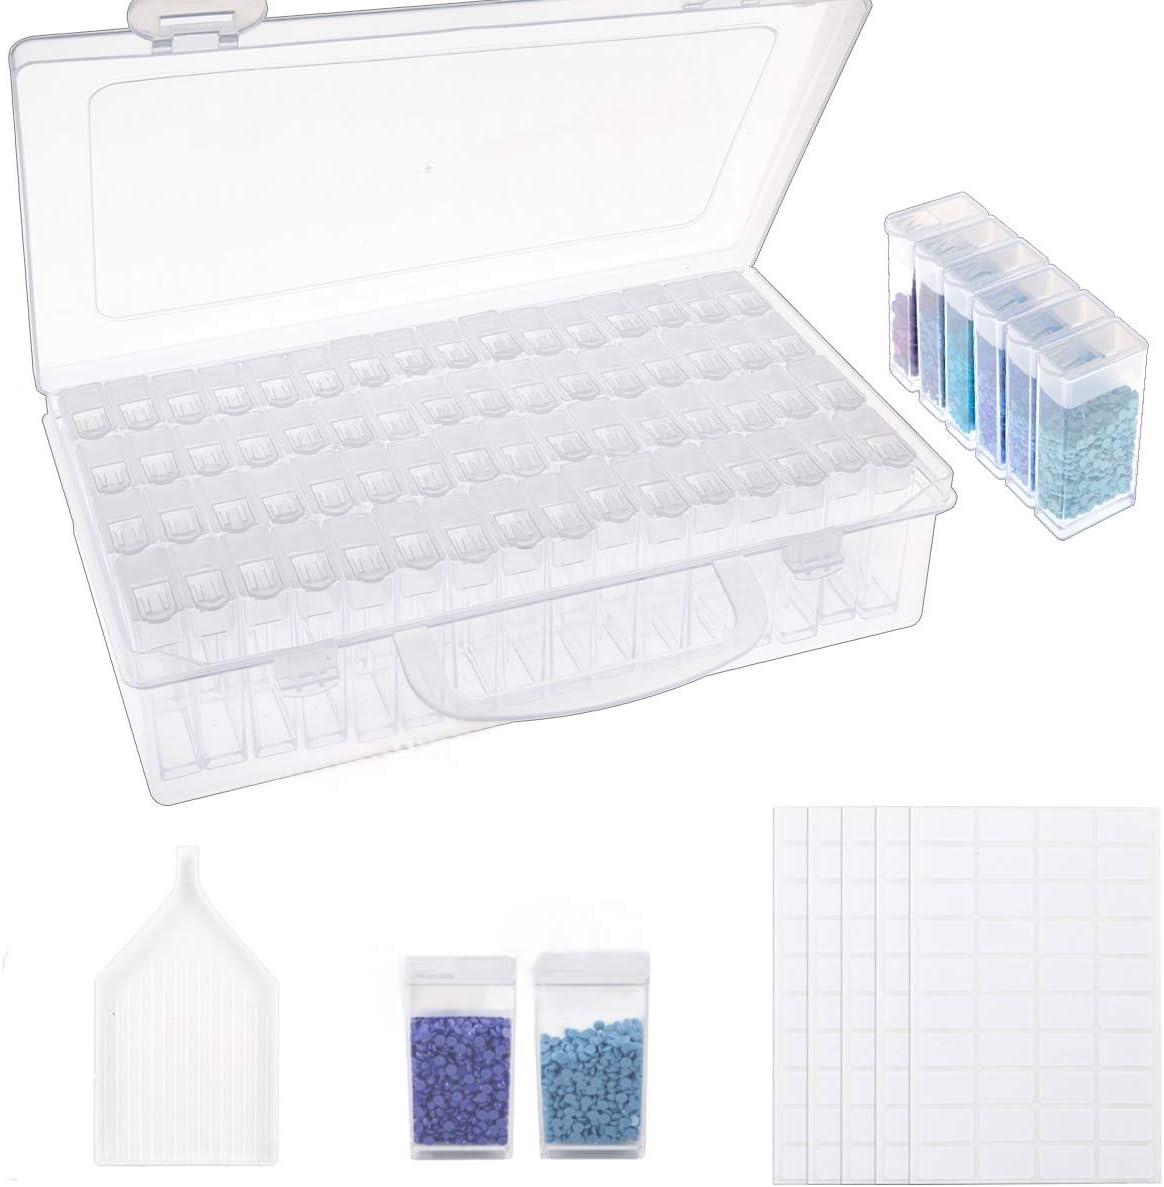 Pinzetten f/ür N/ägel DIY Handwerk duoledaeu 84 Diamond Painting Box Plastik Diamant Stickerei Sortierbox Perlenbox Aufbewahrungbox Painting Organizer mit Trichterplatte Strass Perlen